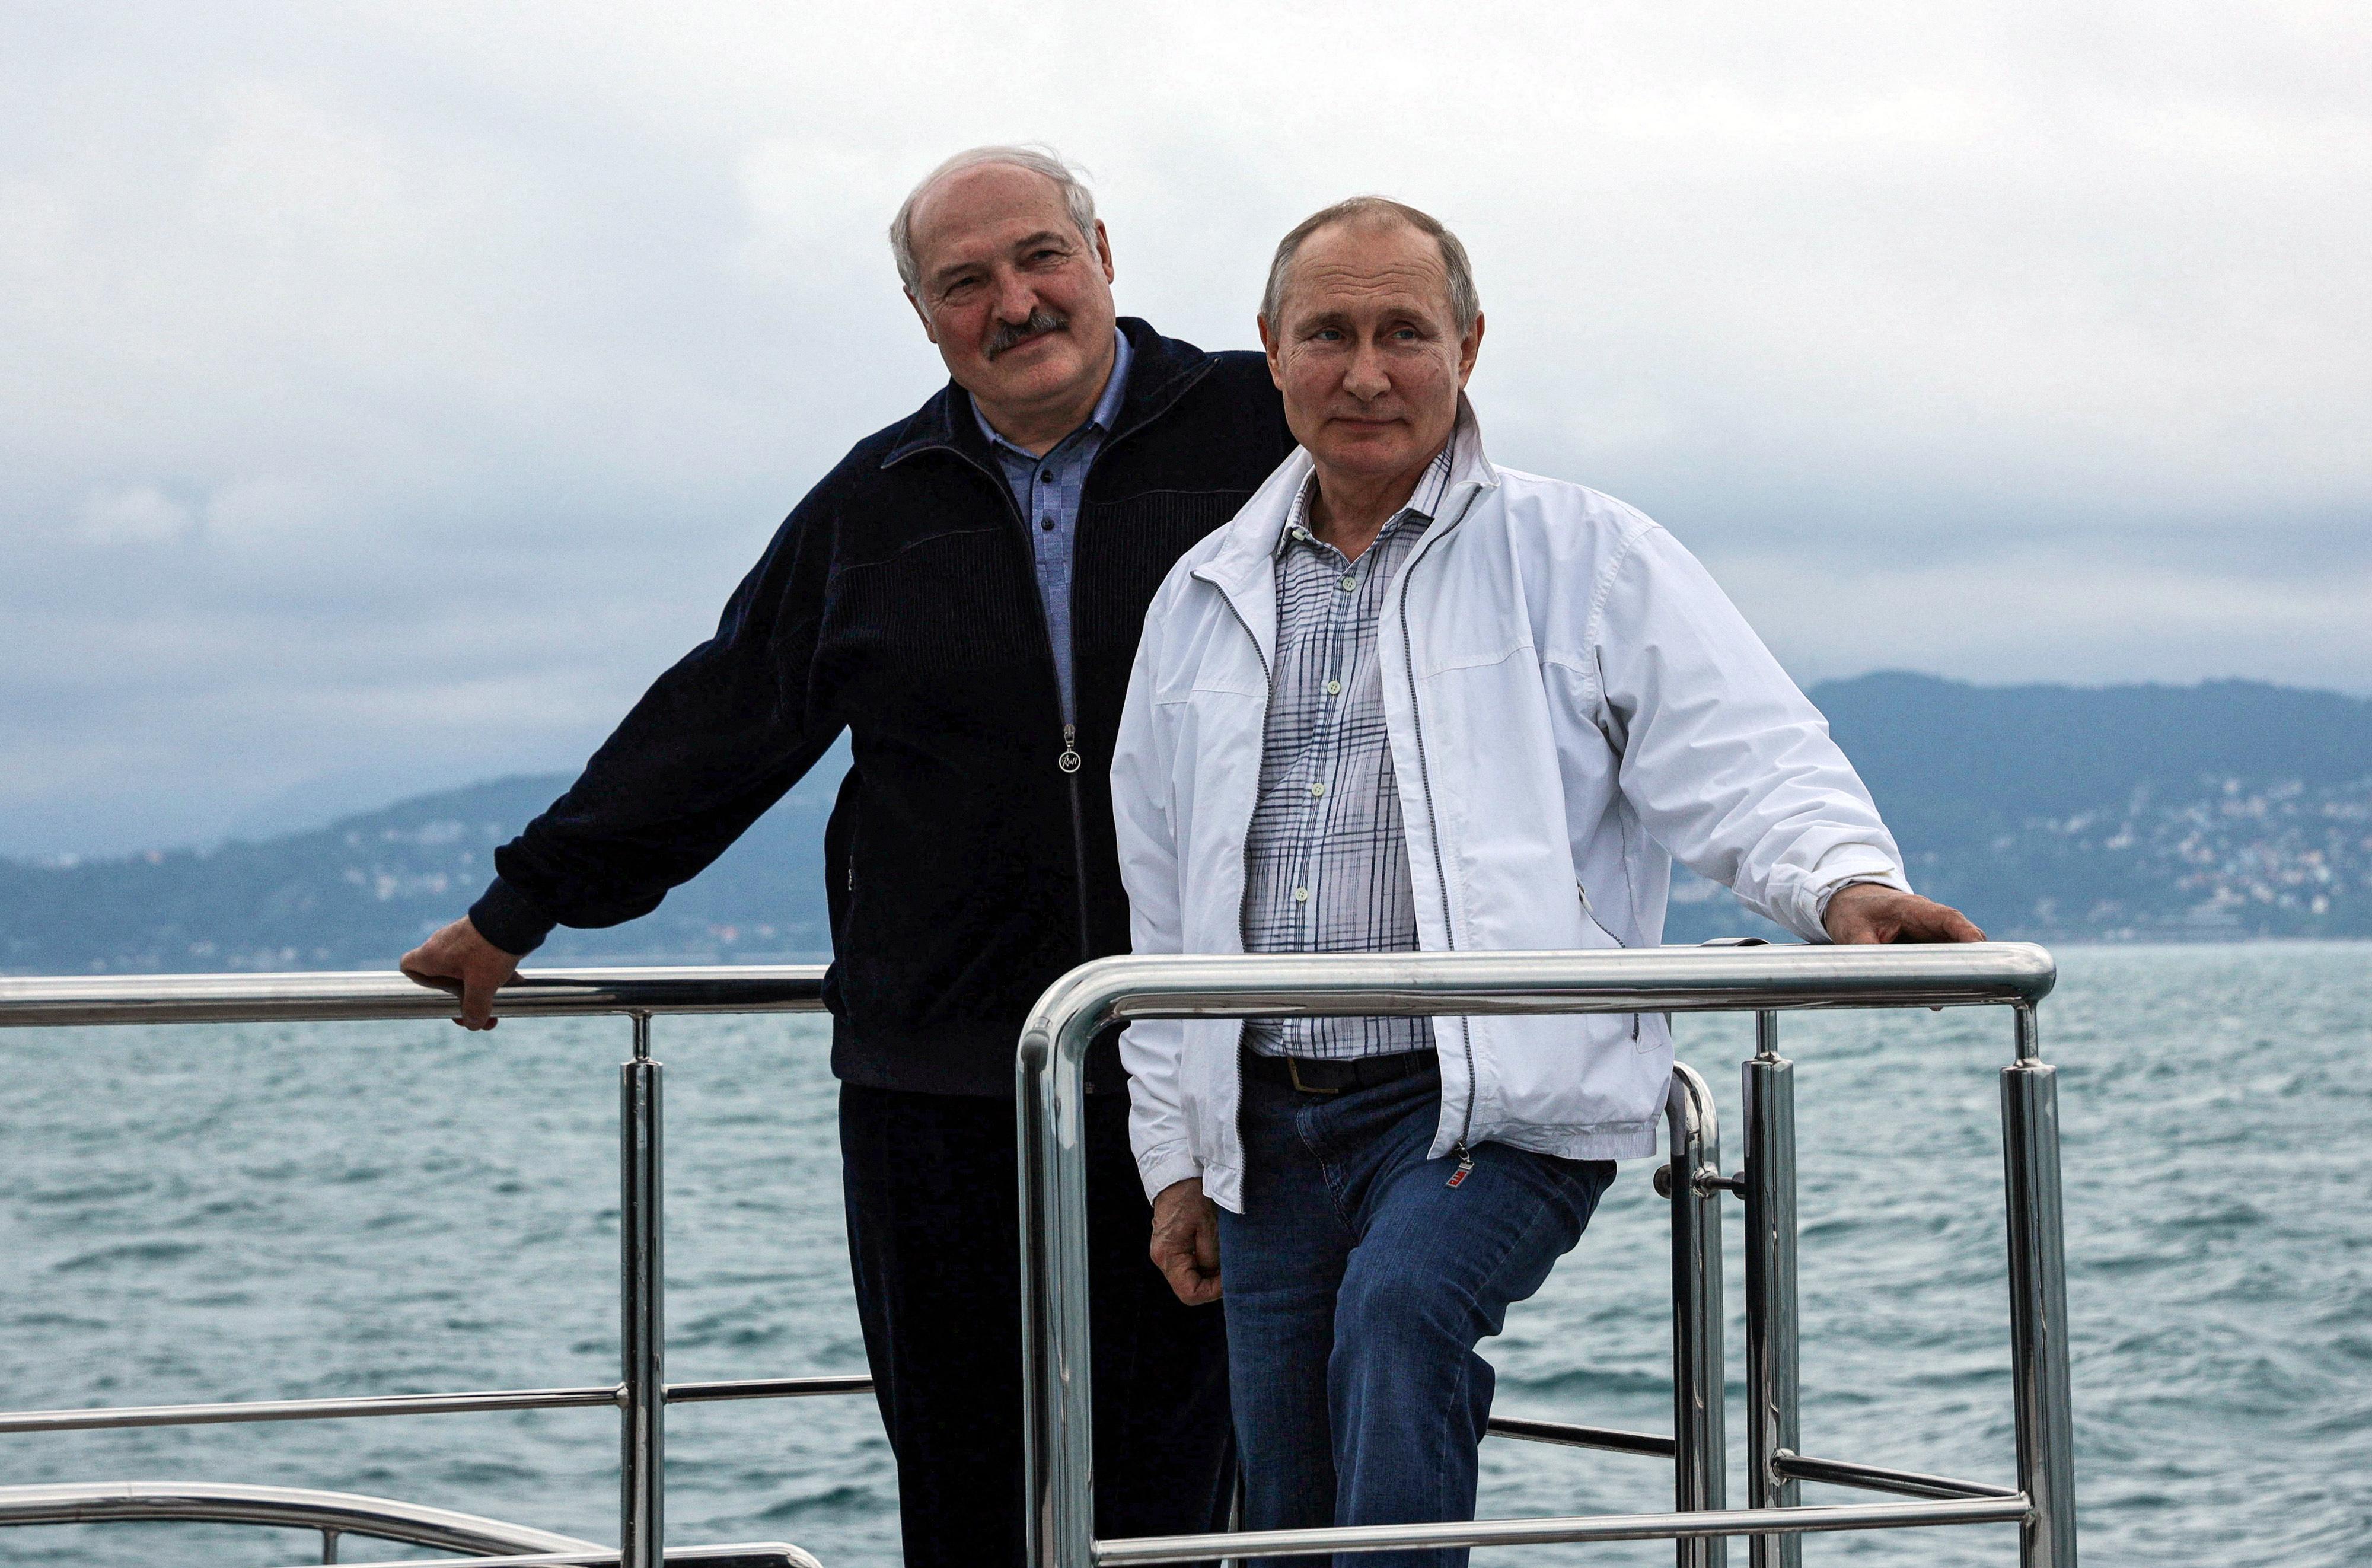 Oroszország katonai eszközökkel támogatja a fehérorosz diktatúrát